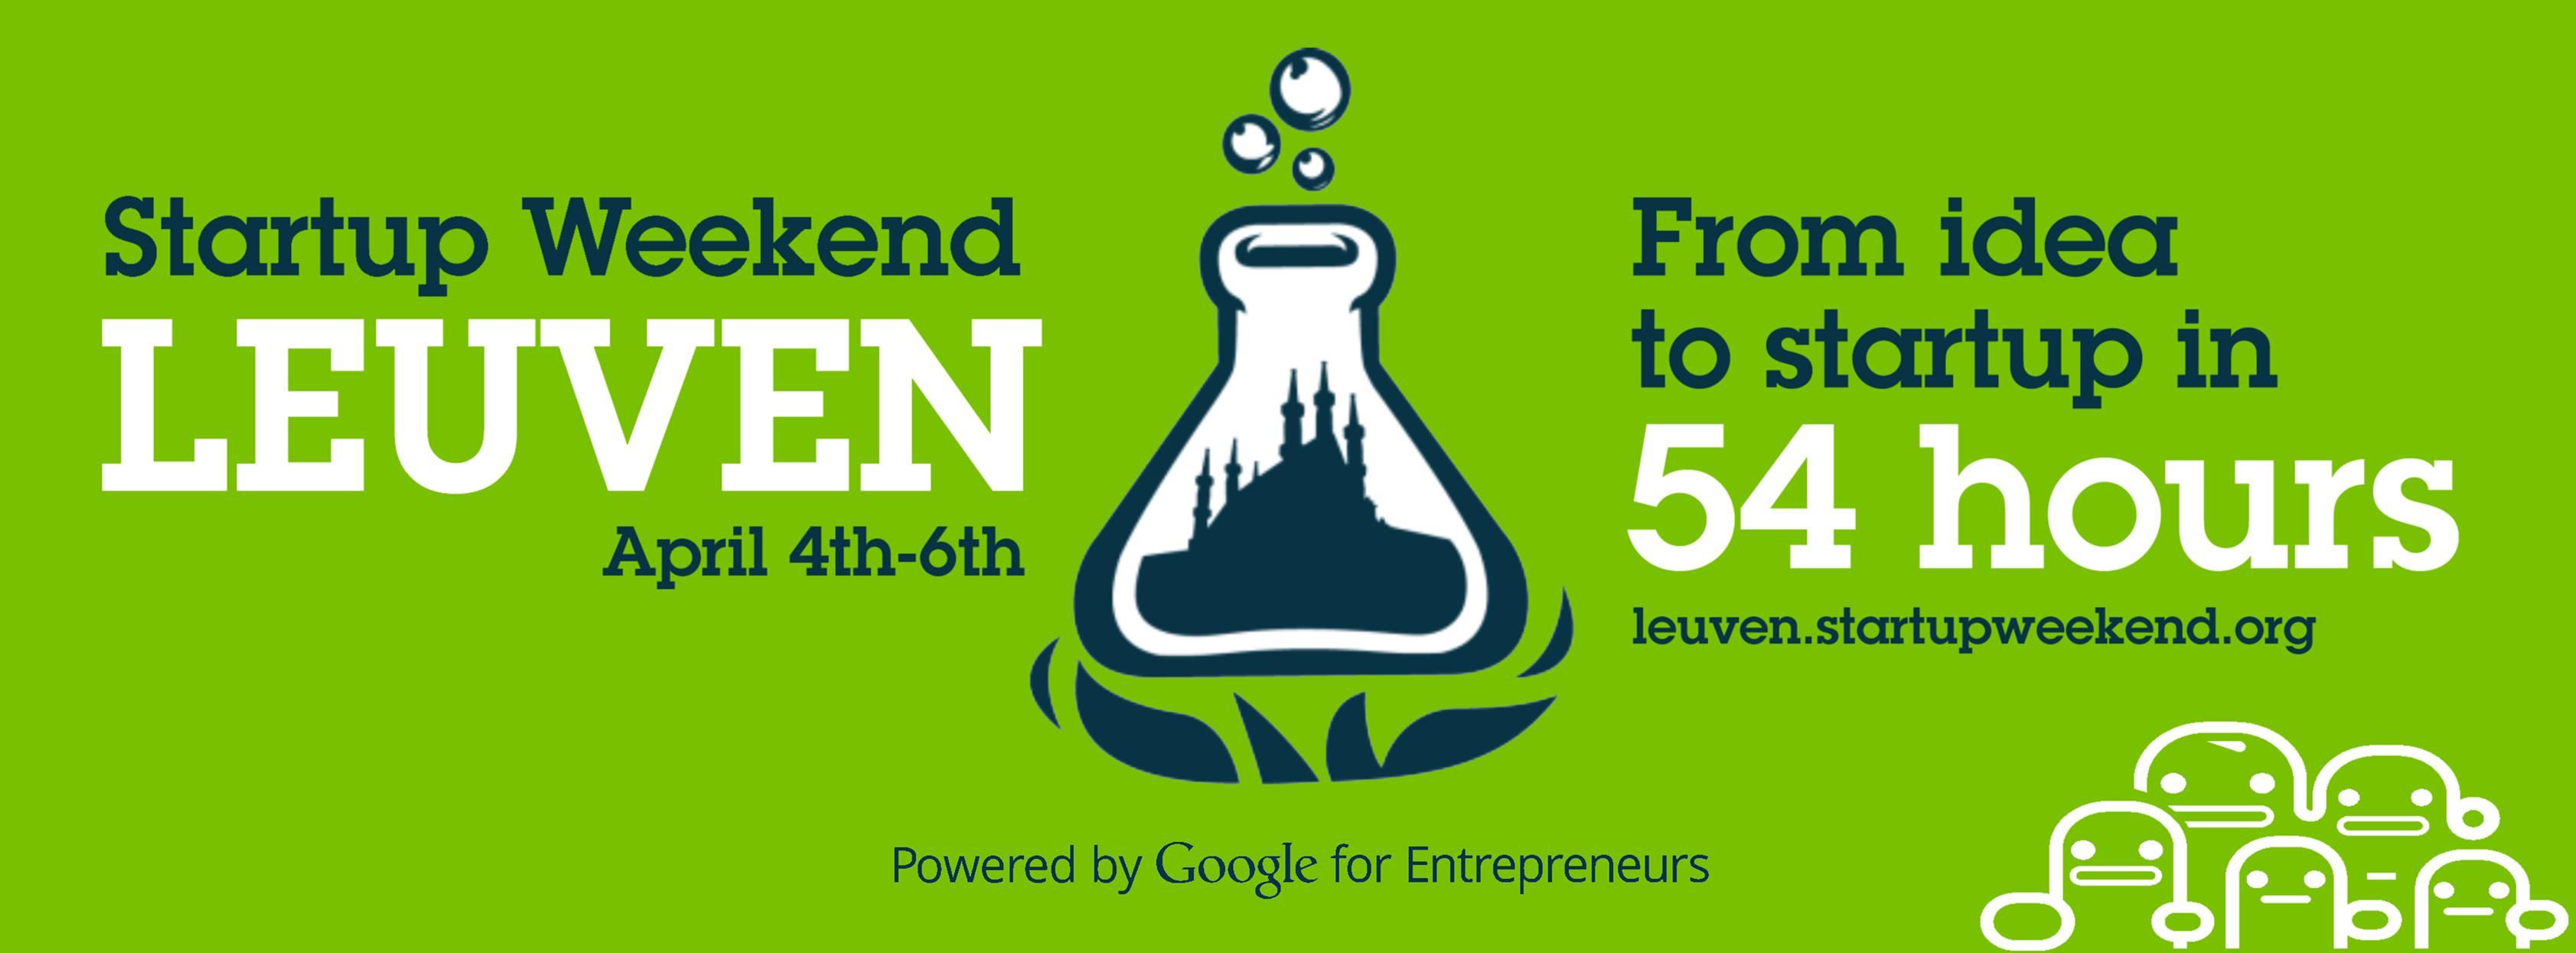 Nog 6 dagen tot het eerste Startup Weekend Leuven